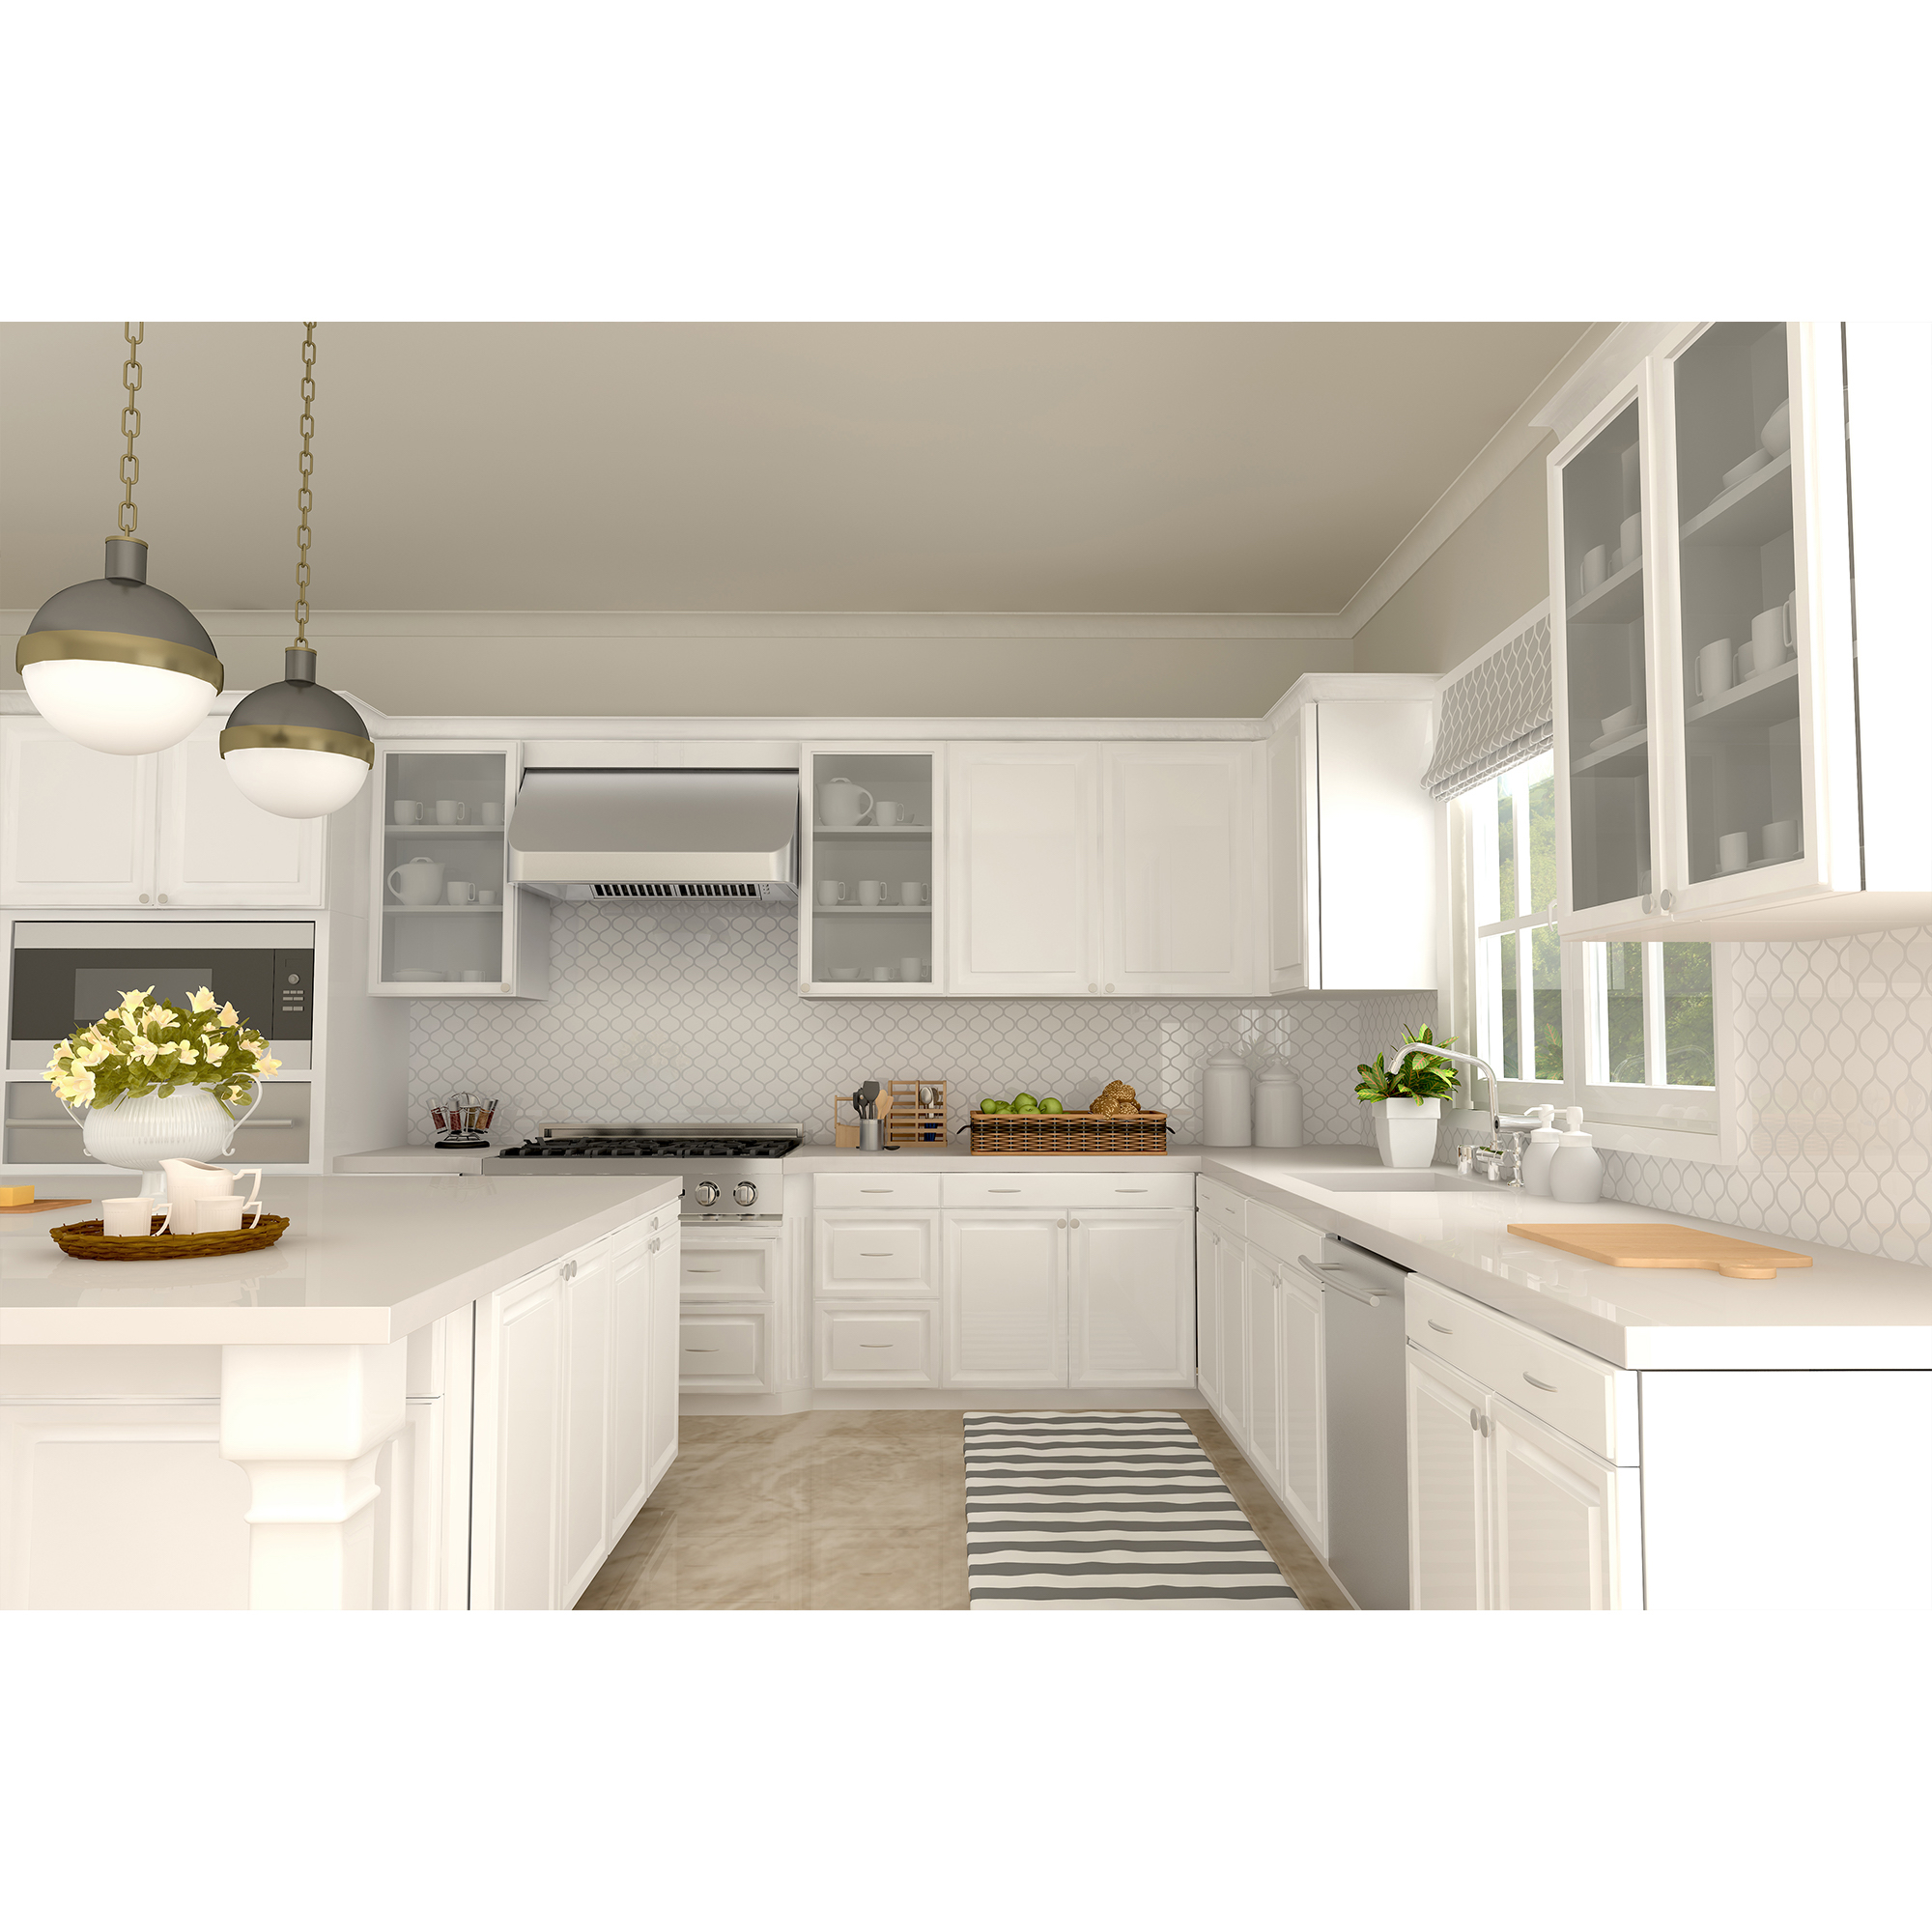 zline-stainless-steel-under-cabinet-range-hood-520-kitchen-updated.jpg